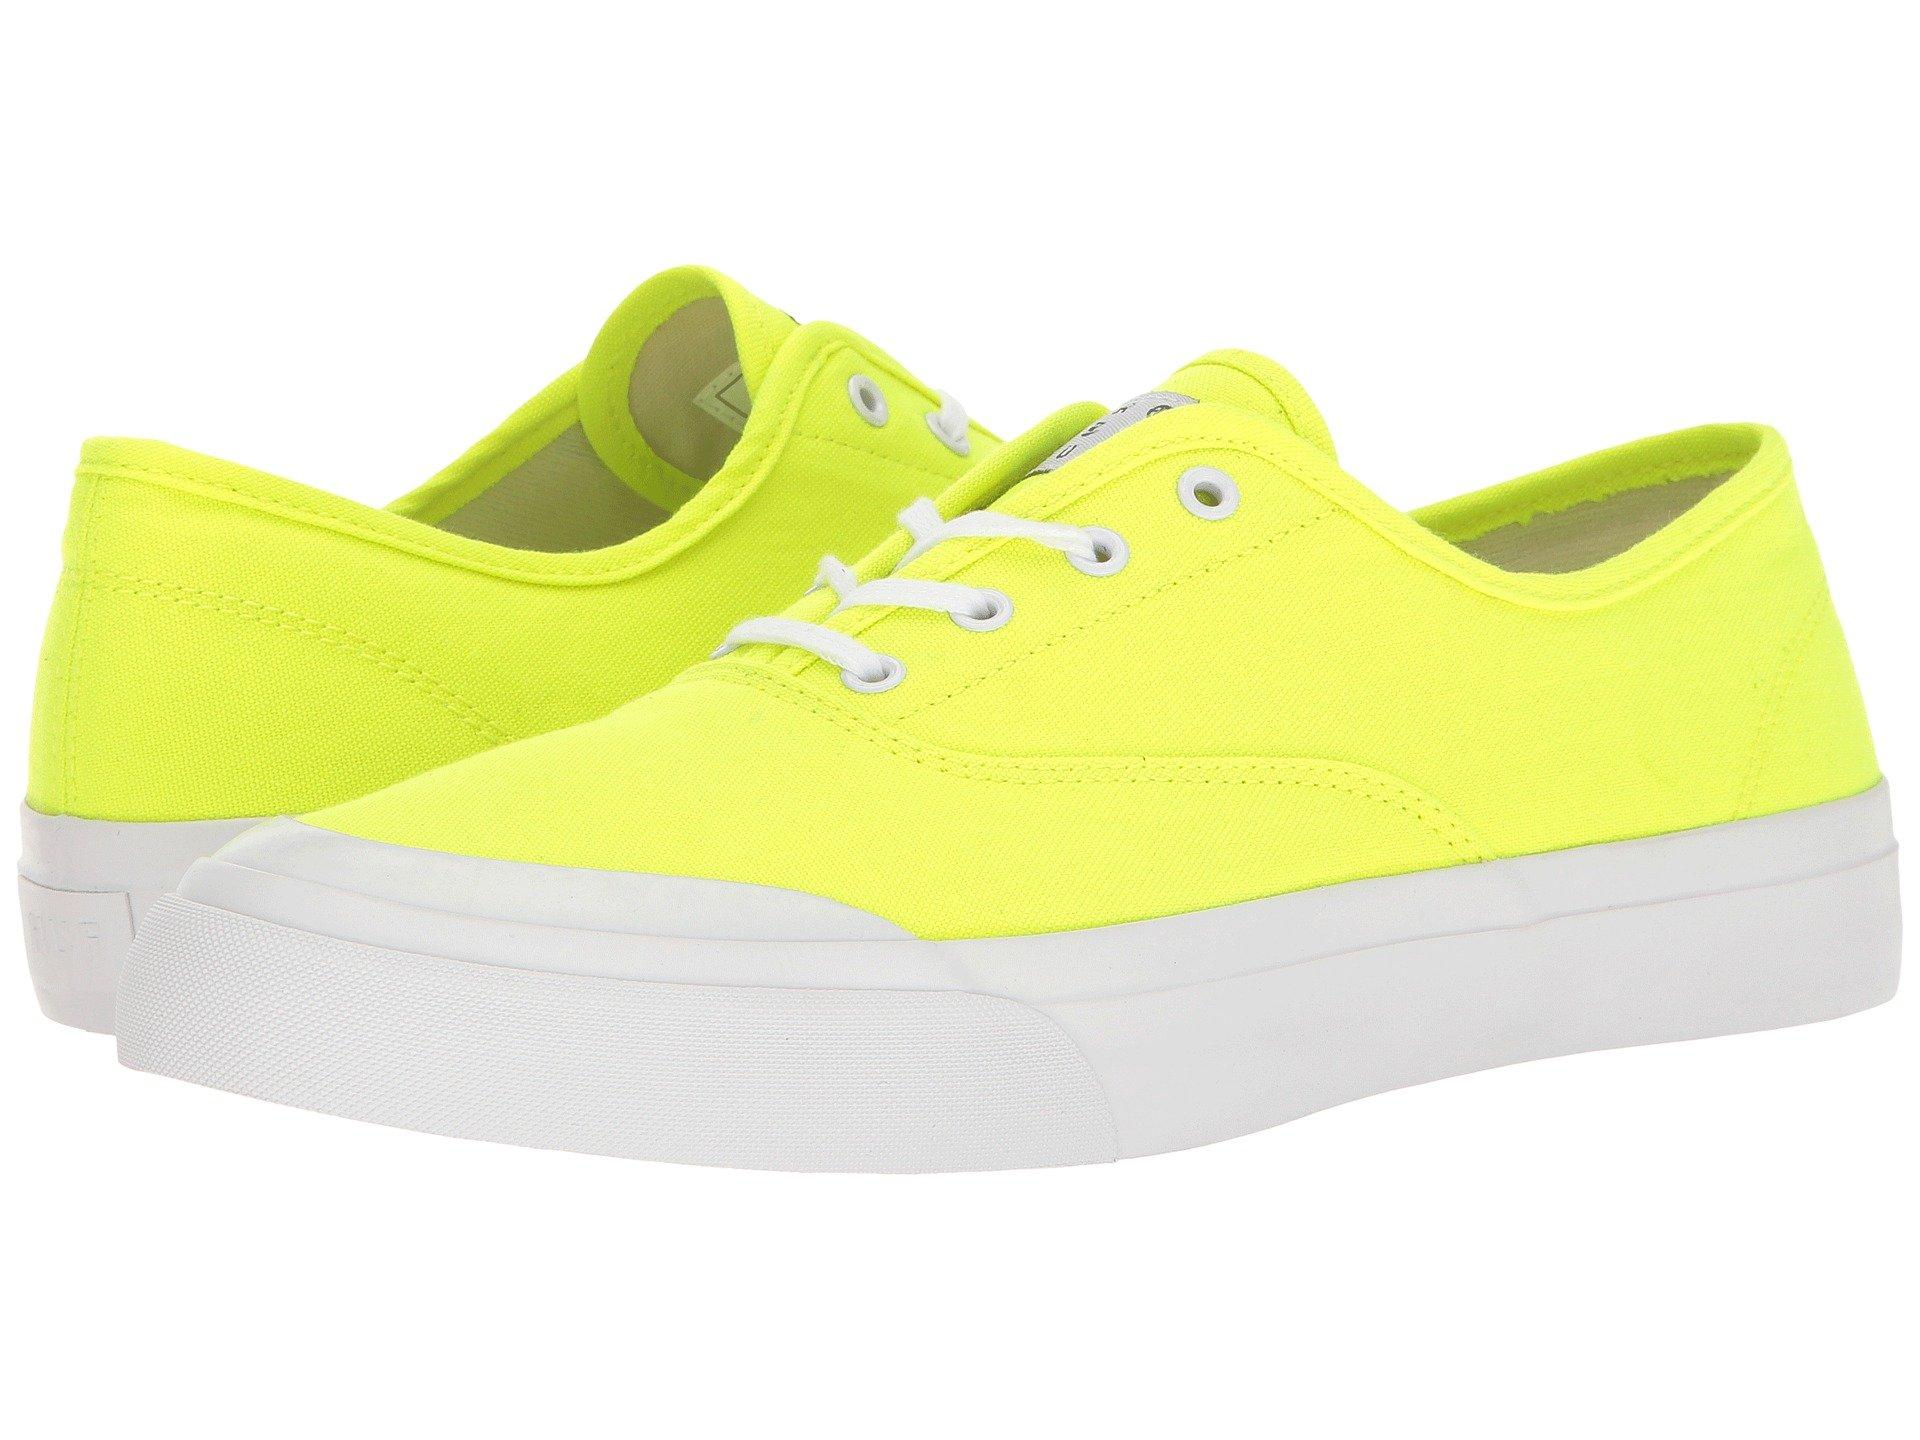 HUF Cromer, Neon Yellow